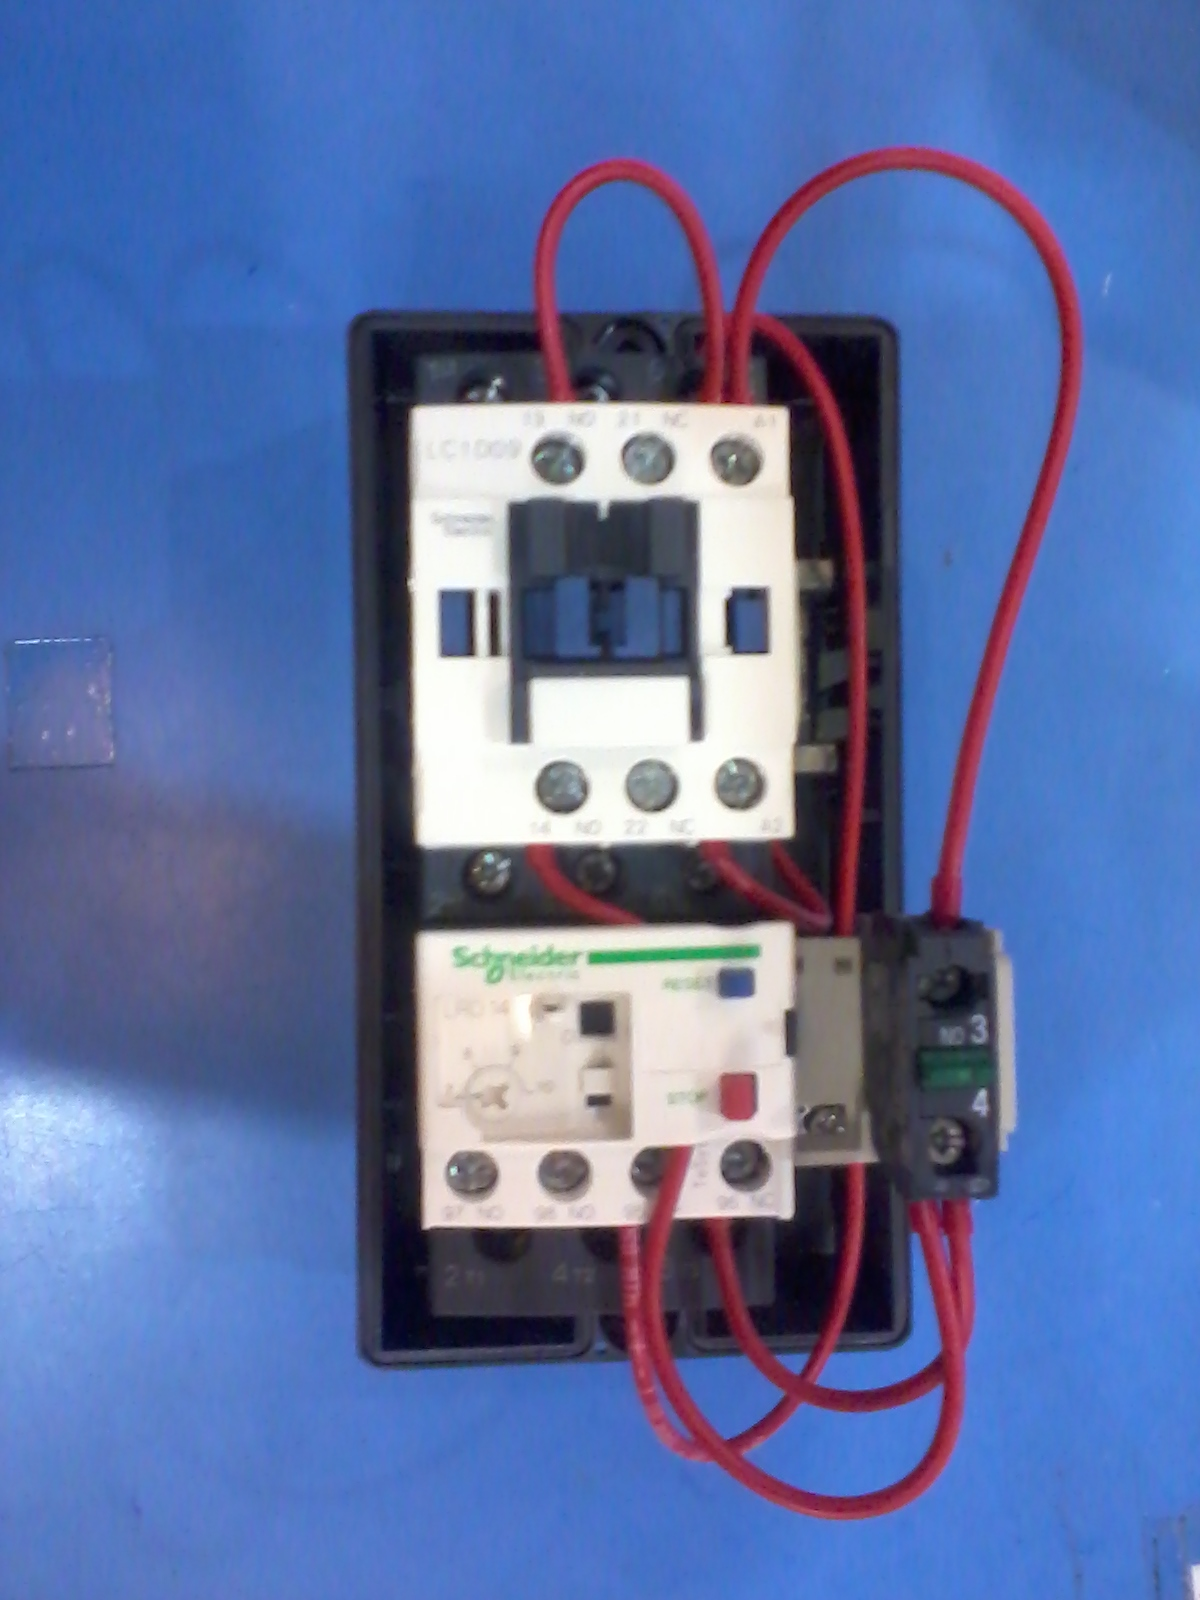 Dol Starter Circuit Diagram Rv Fresh Water Tank Sensor Wiring Vinca 39s Blog